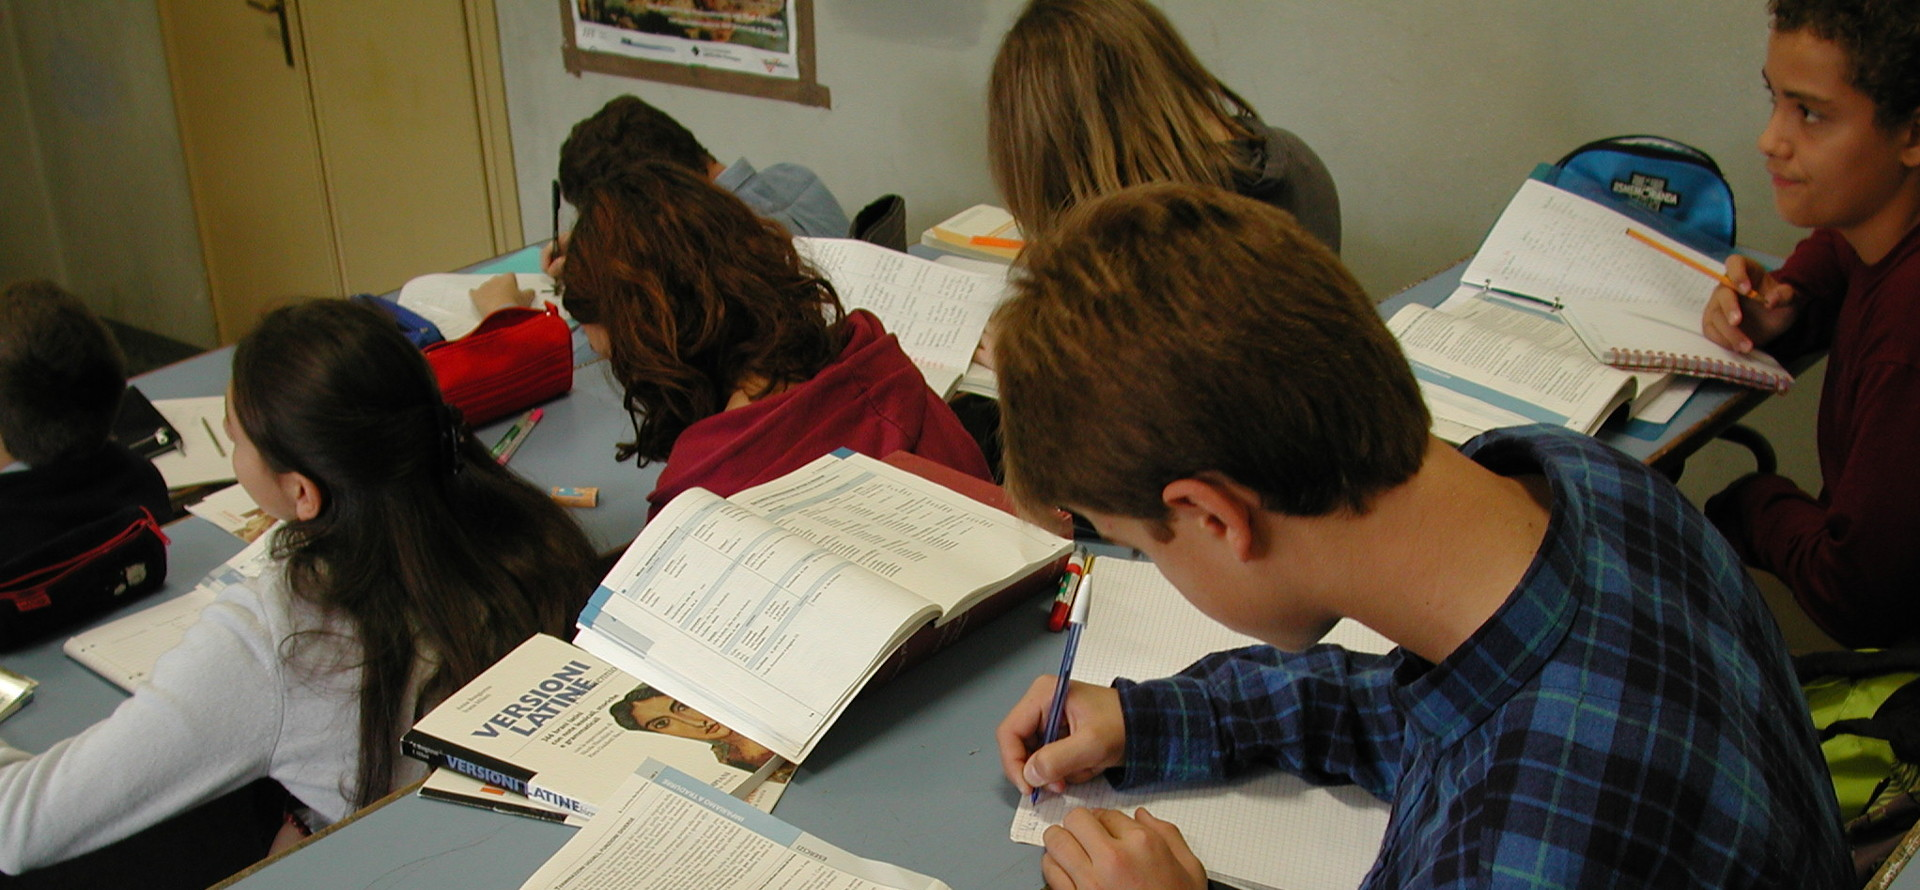 Foto: studenti a lezione. Archivio Città metropolitana di Bologna